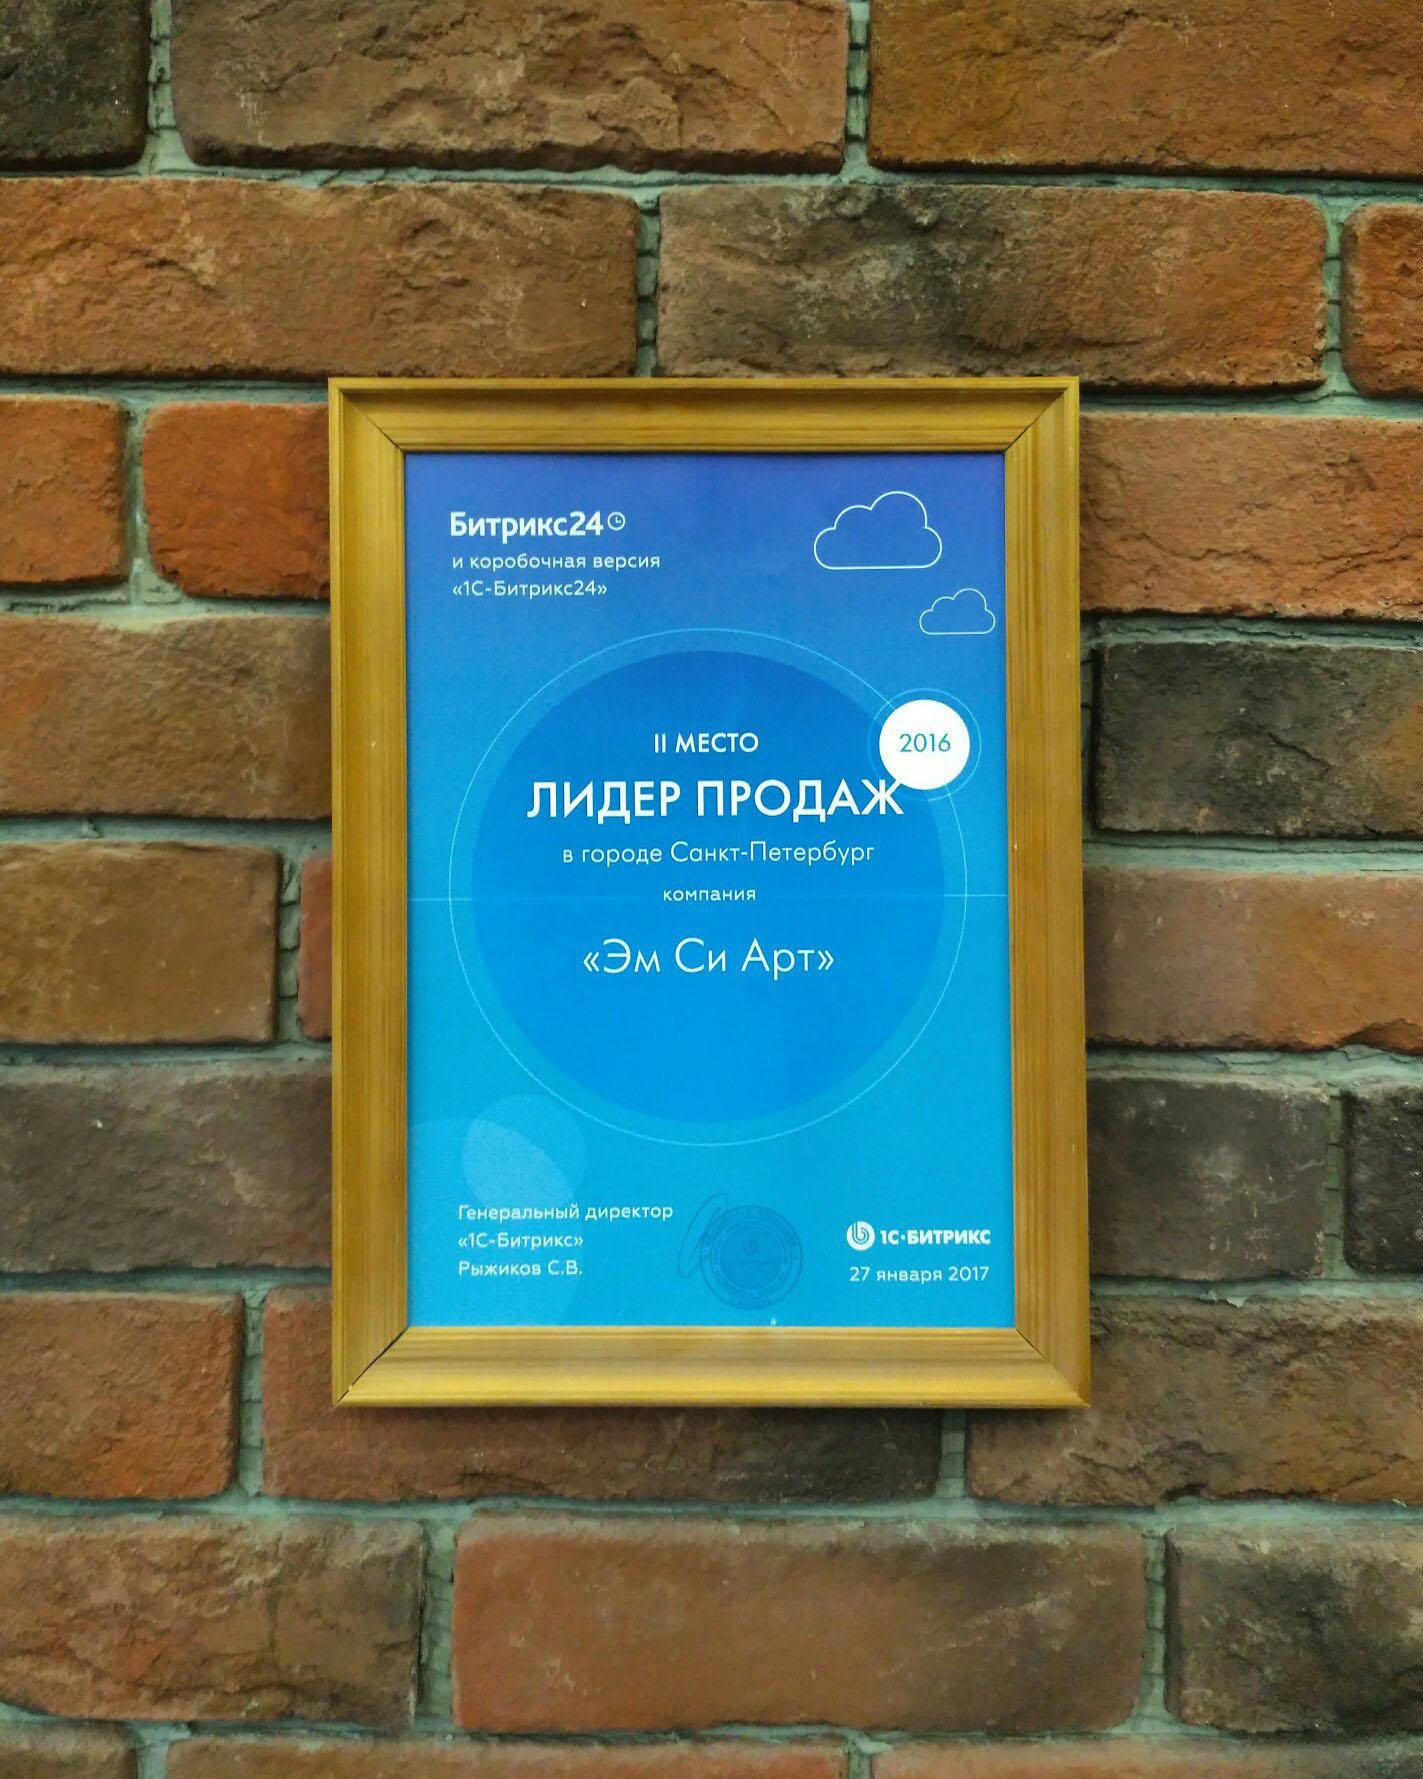 Эм Си Арт - второе место в зачёте Лидер продаж Битрикс24 и коробочная версия 1С-Битрикс24 в Санкт-Петербурге